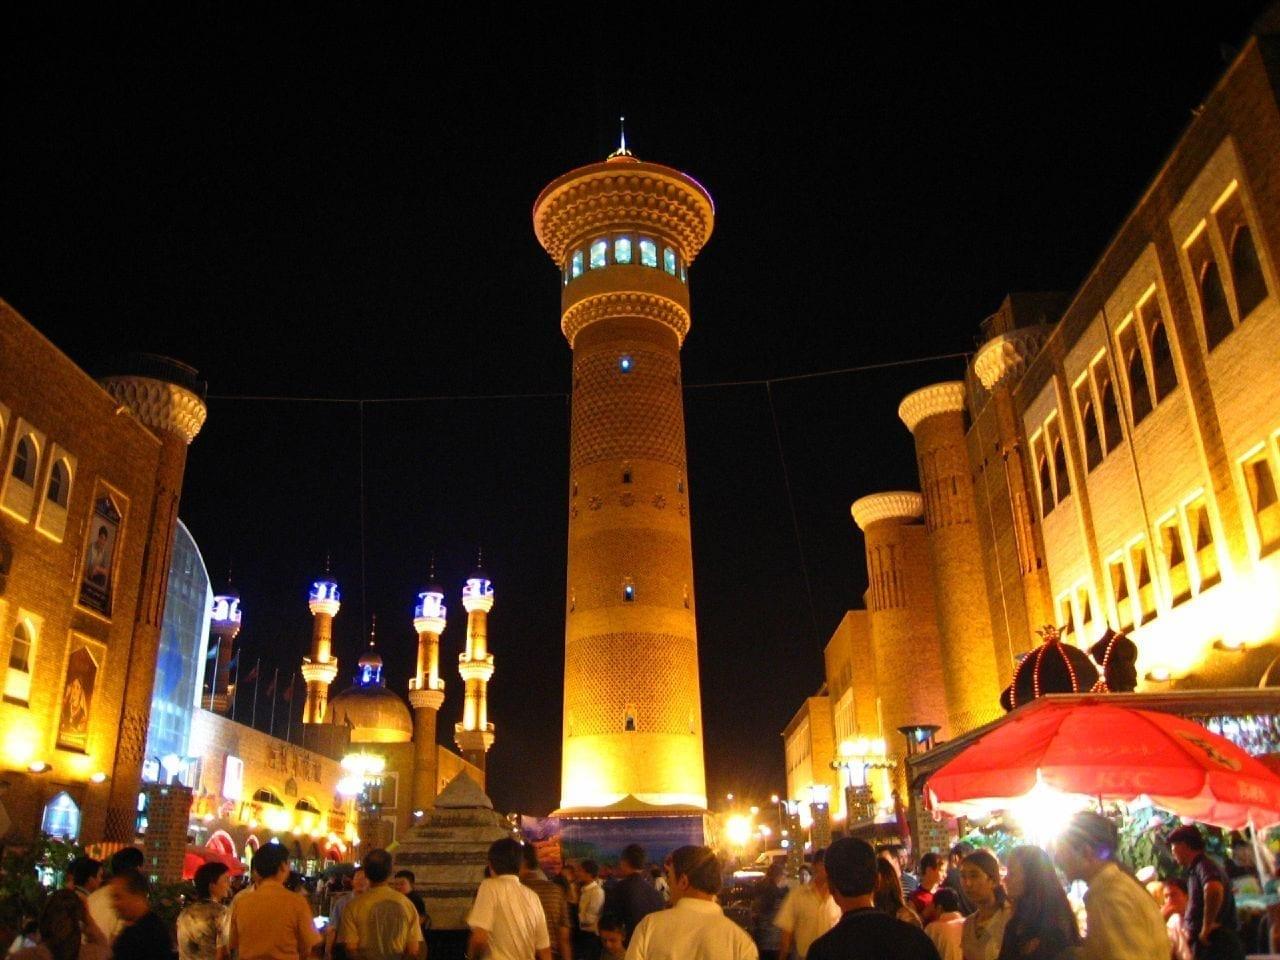 El Gran Bazar de noche. Urumqi China